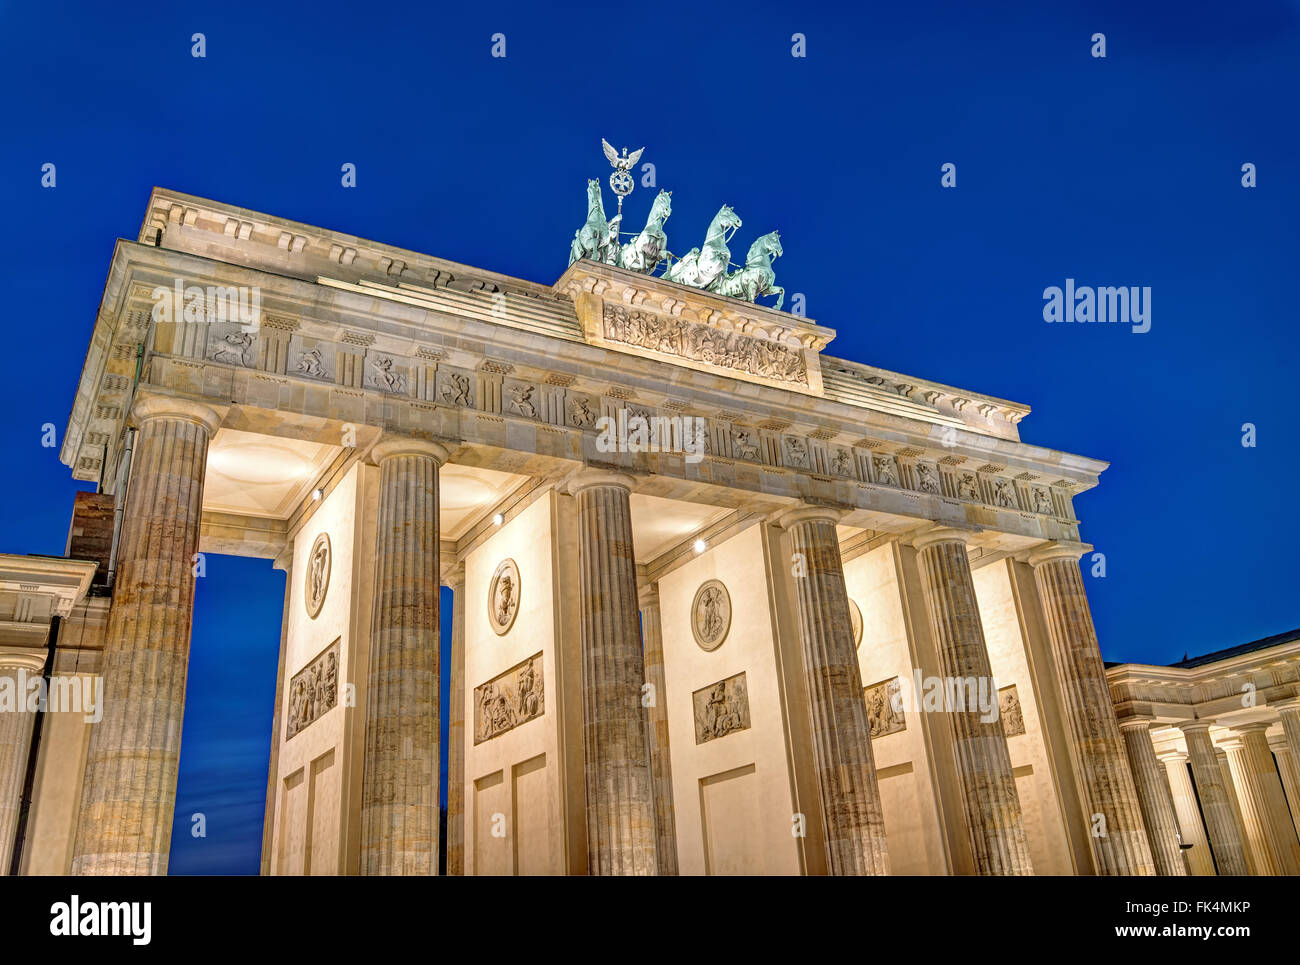 Le célèbre monument, la Brandenburger Tor, dans la nuit Photo Stock